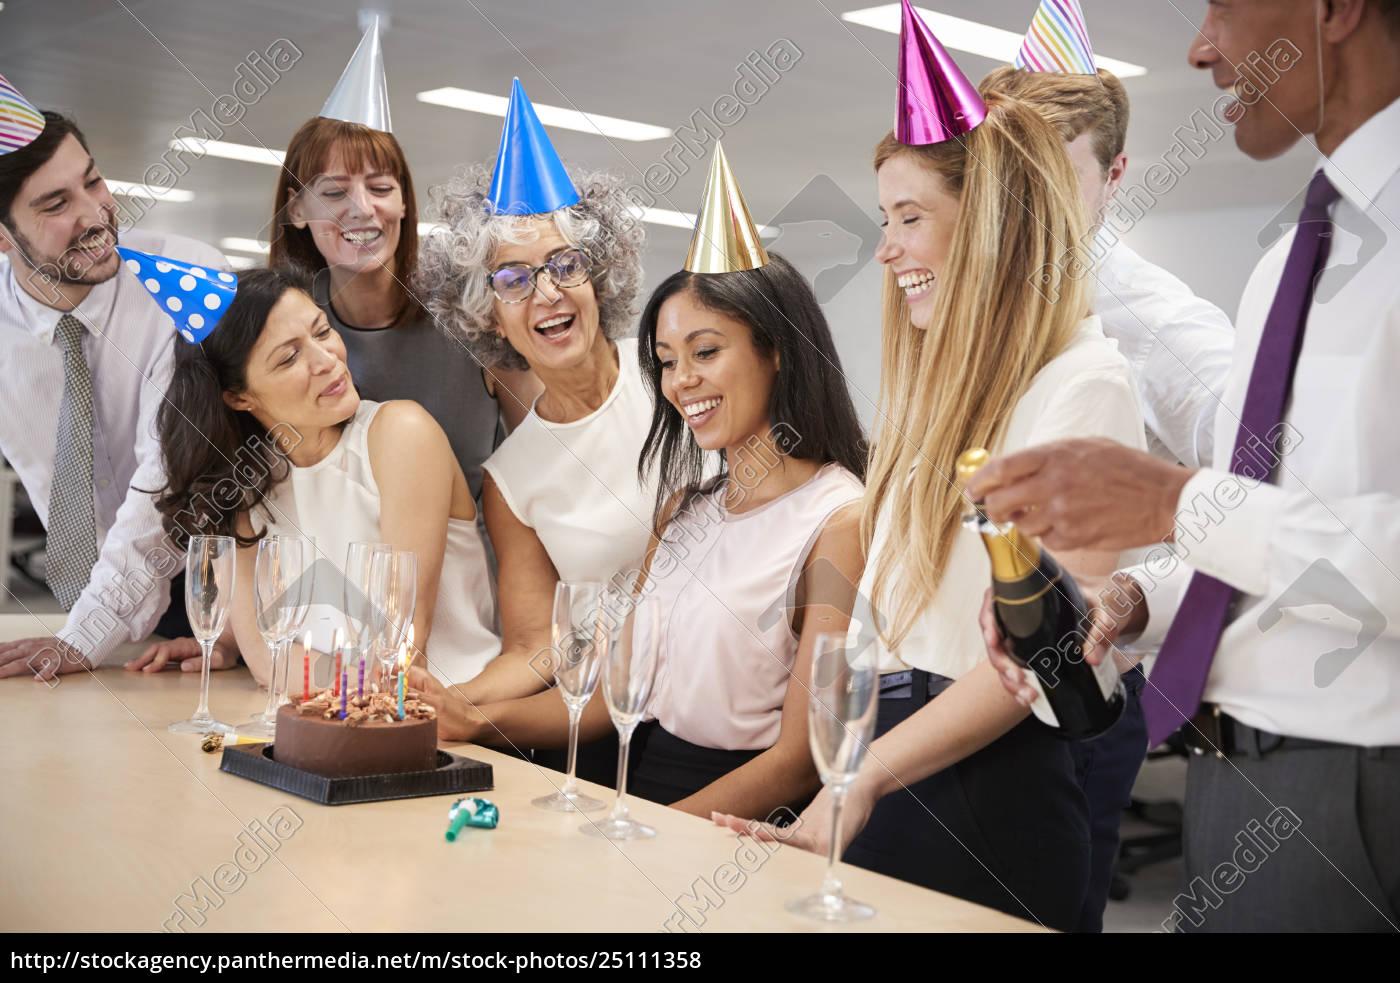 Kollegen Feiern Geburtstag Im Buro Mit Einem Kuchen Stock Photo